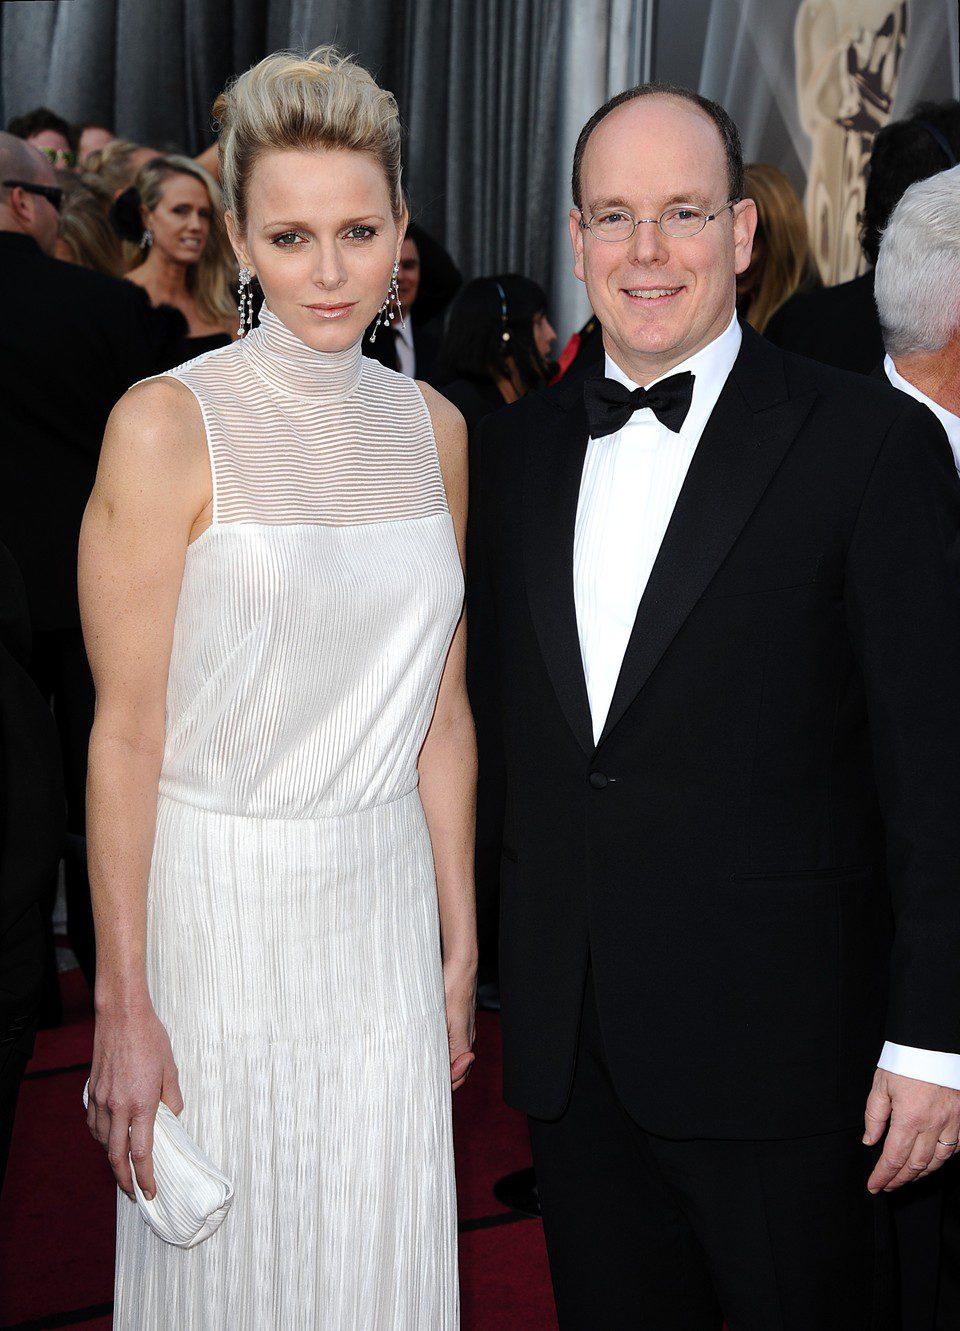 Charlene Wittstock y el príncipe Alberto de Mónaco en la alfombra roja de los Oscar 2012